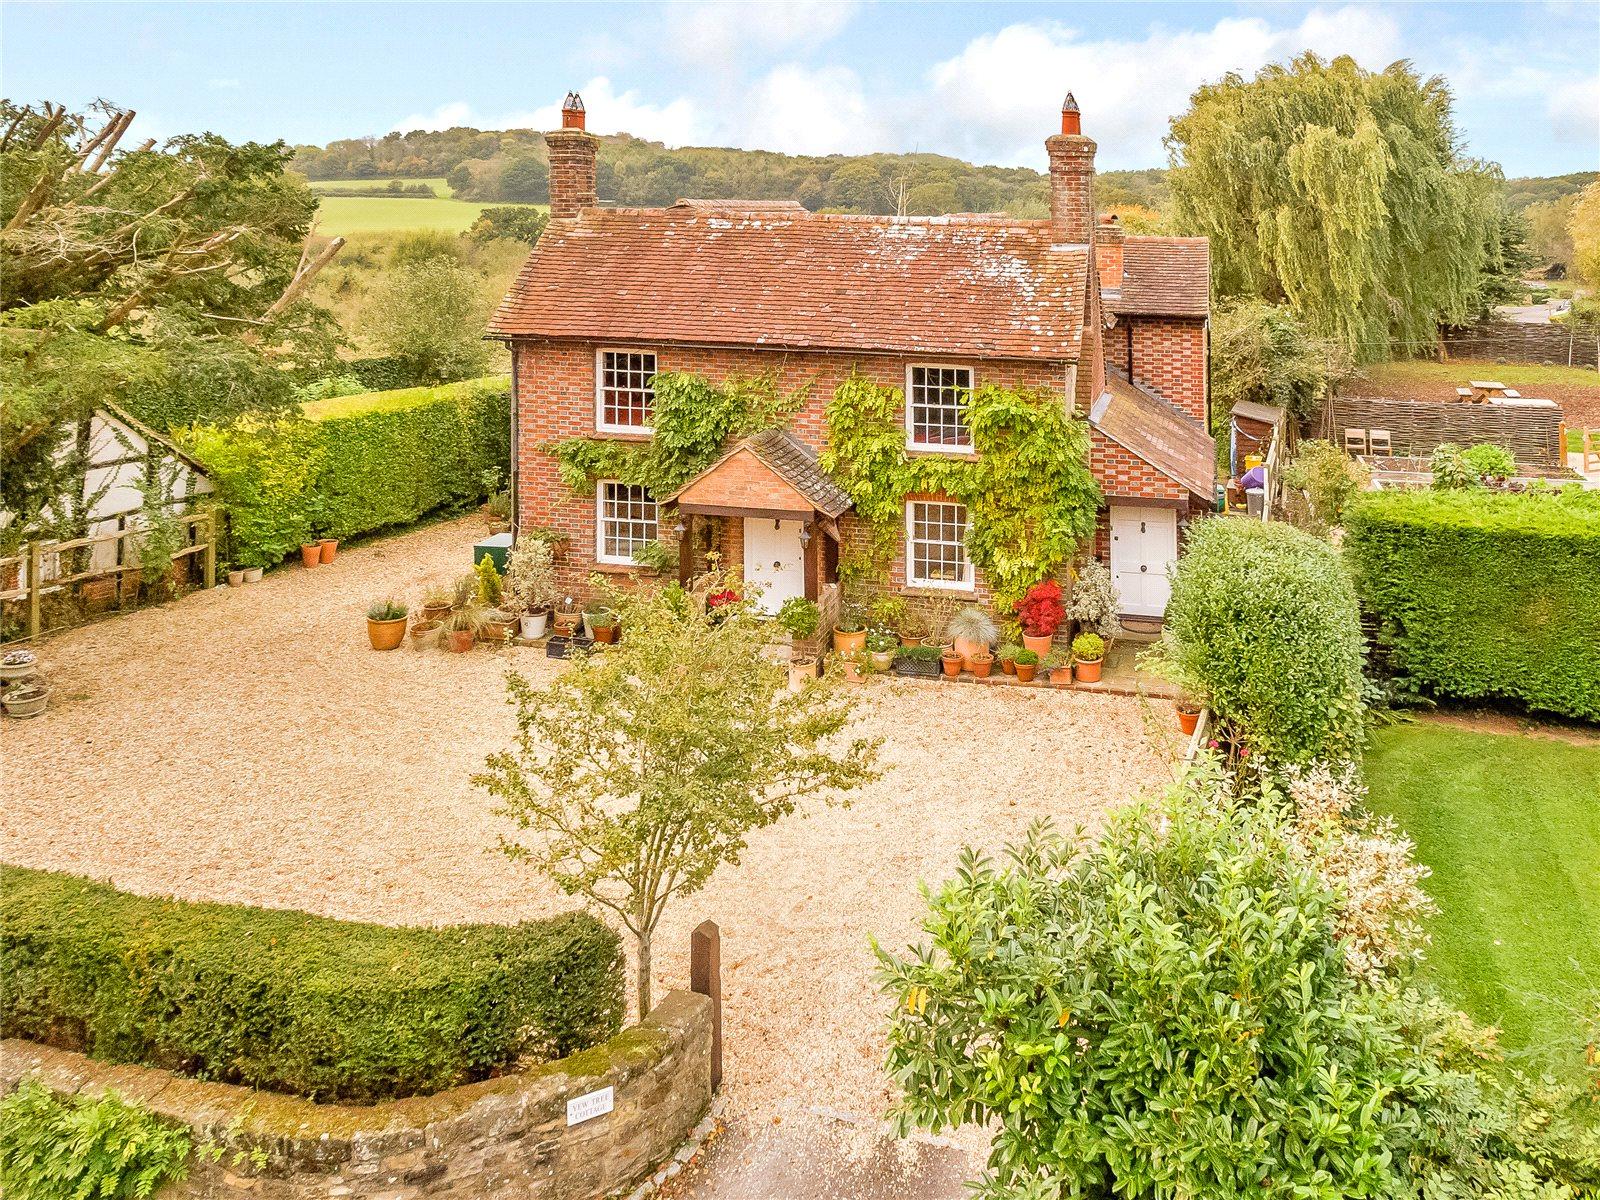 Moradia para Venda às Glasshouse Lane, Kirdford, Billingshurst, West Sussex, RH14 Billingshurst, Inglaterra